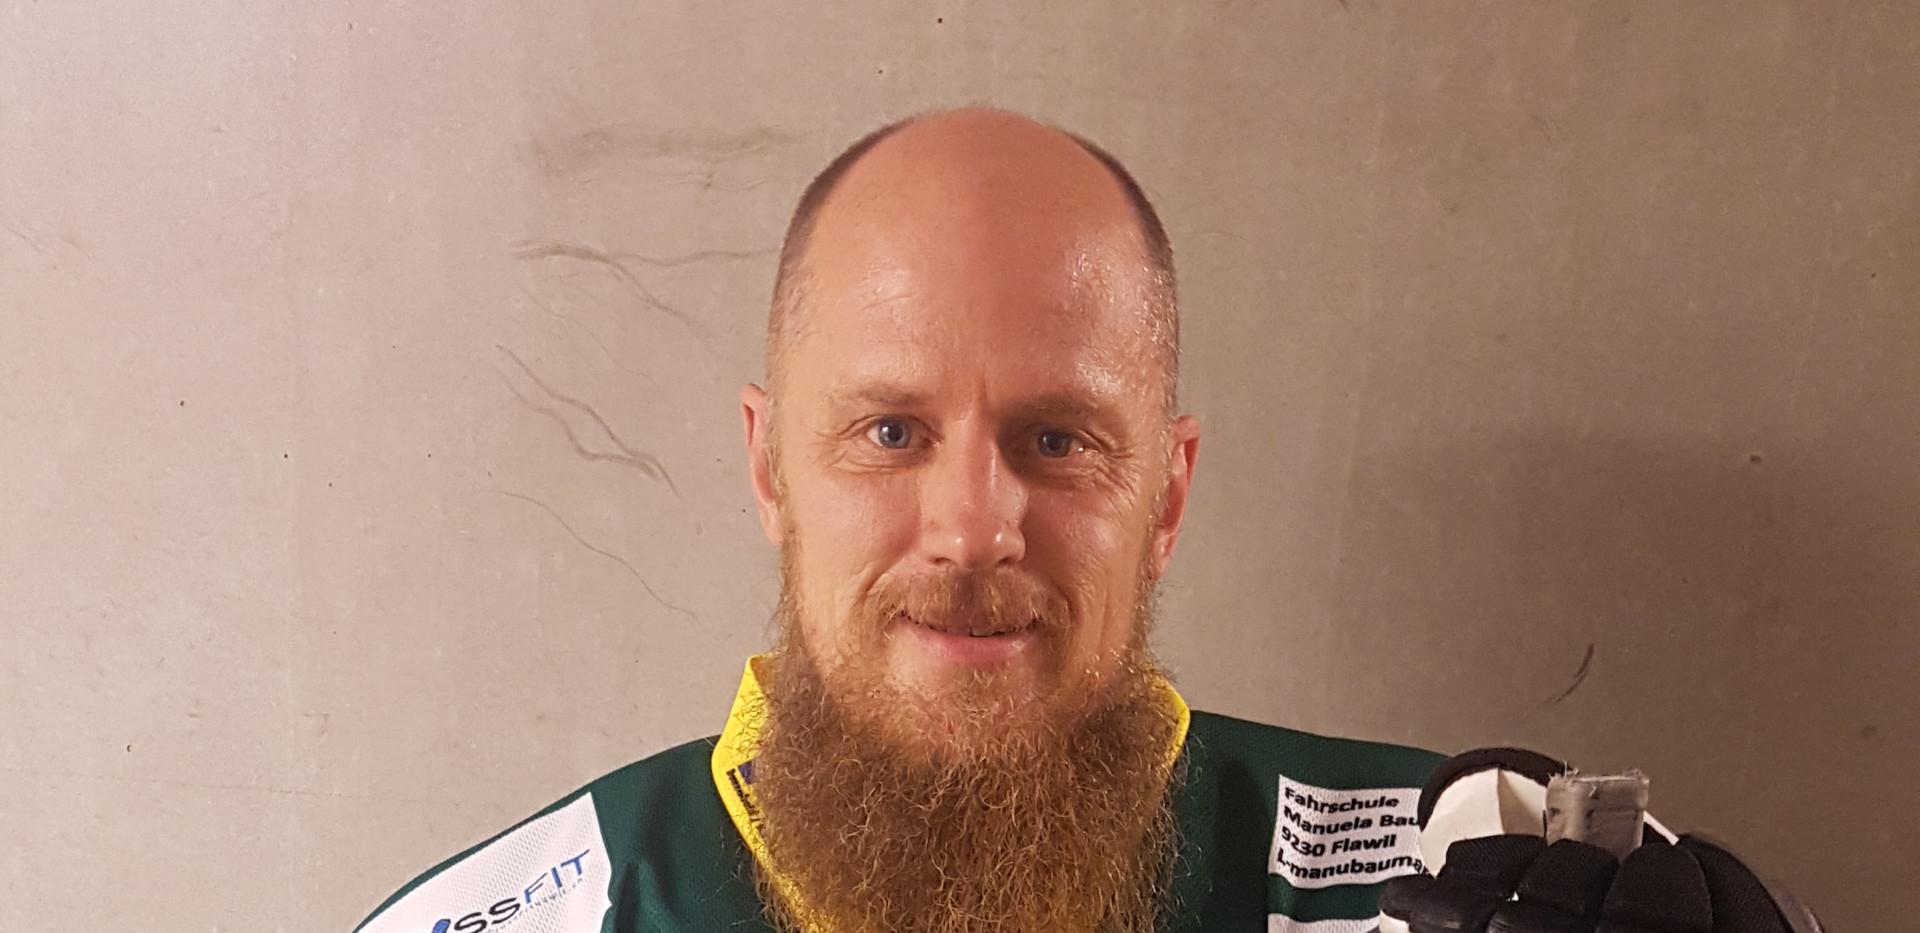 Thomas Steiner #72